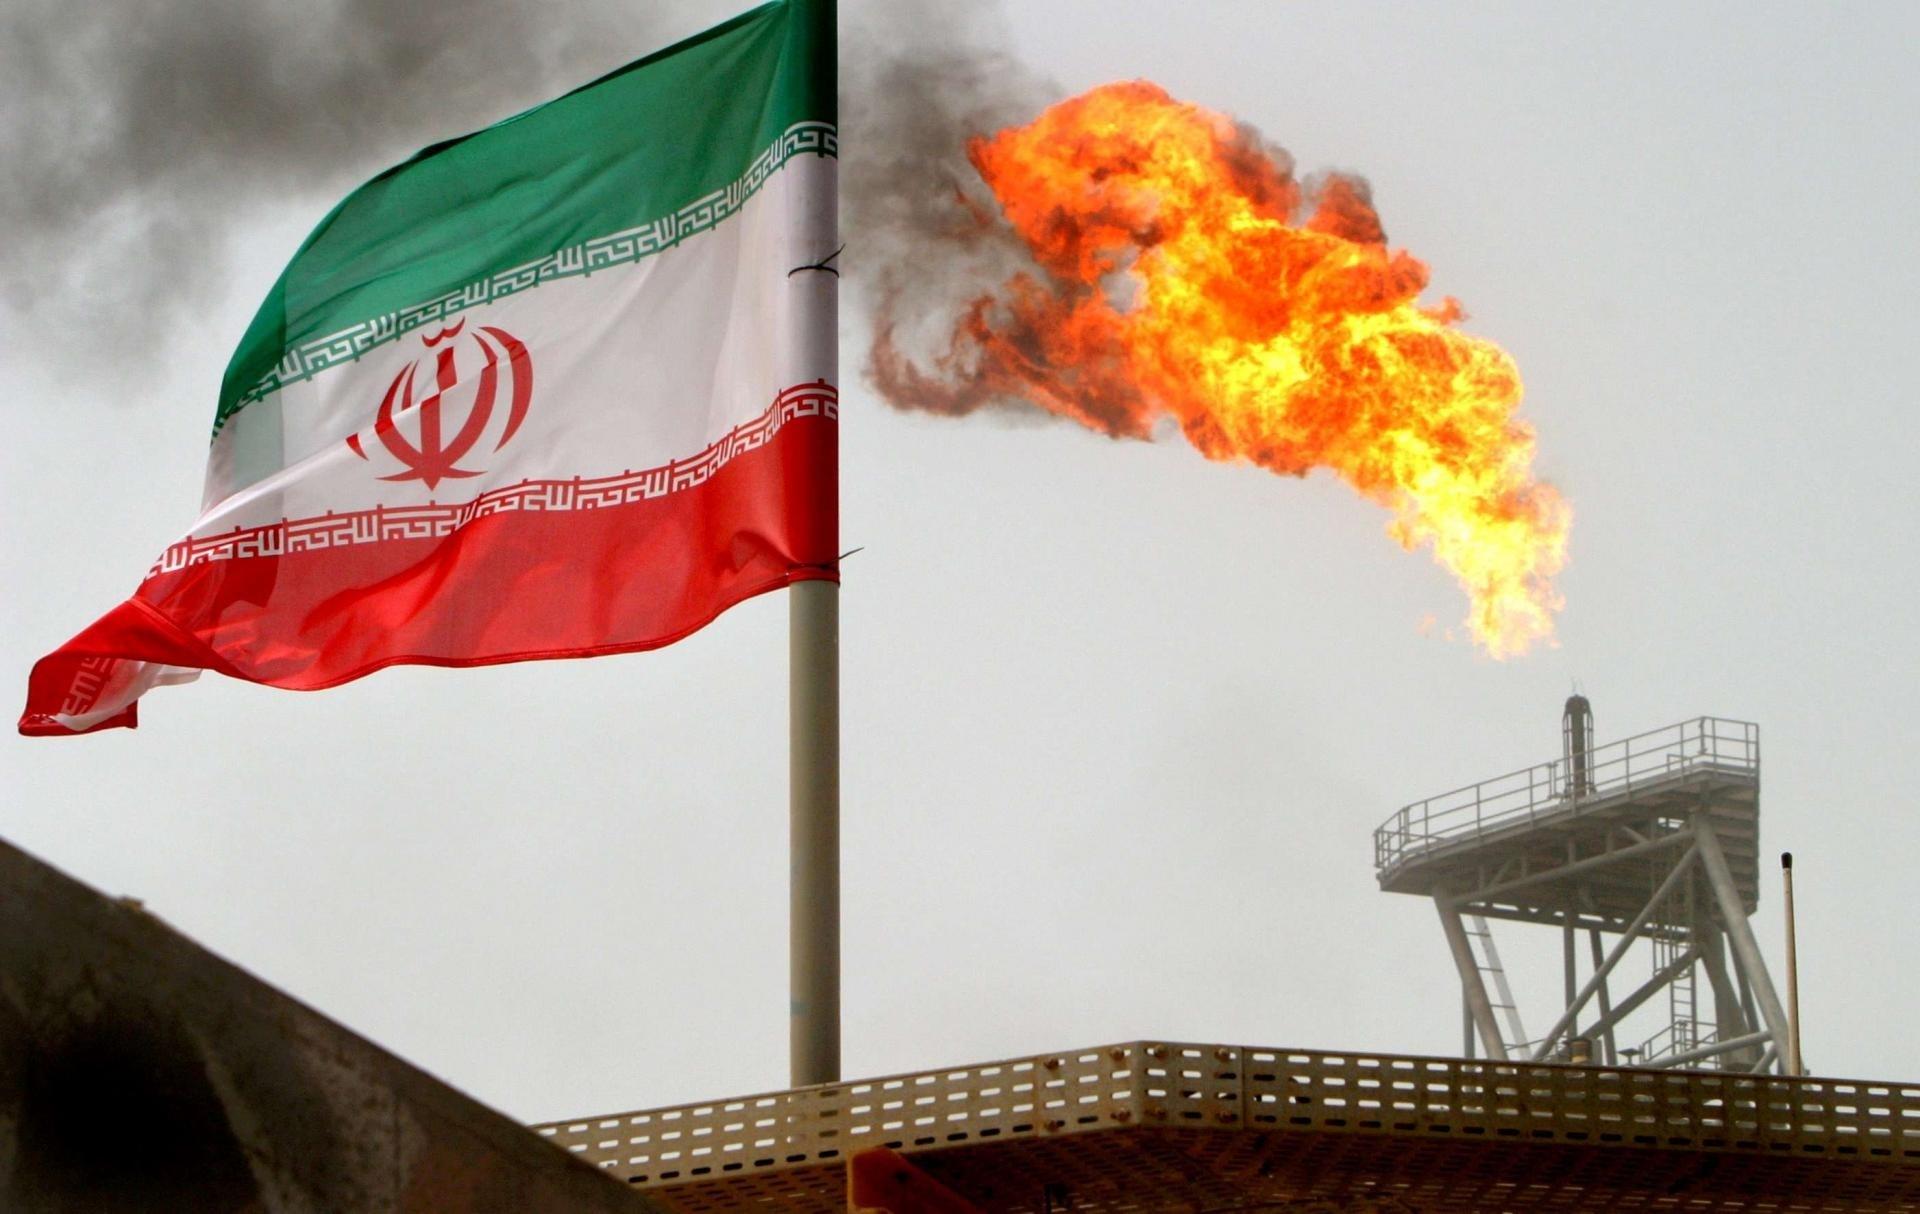 إعلام إسرائيلي: التخصيب الإيراني بنسبة 20٪ هو أكبر خطوة في اتجاه أسلحة نووية